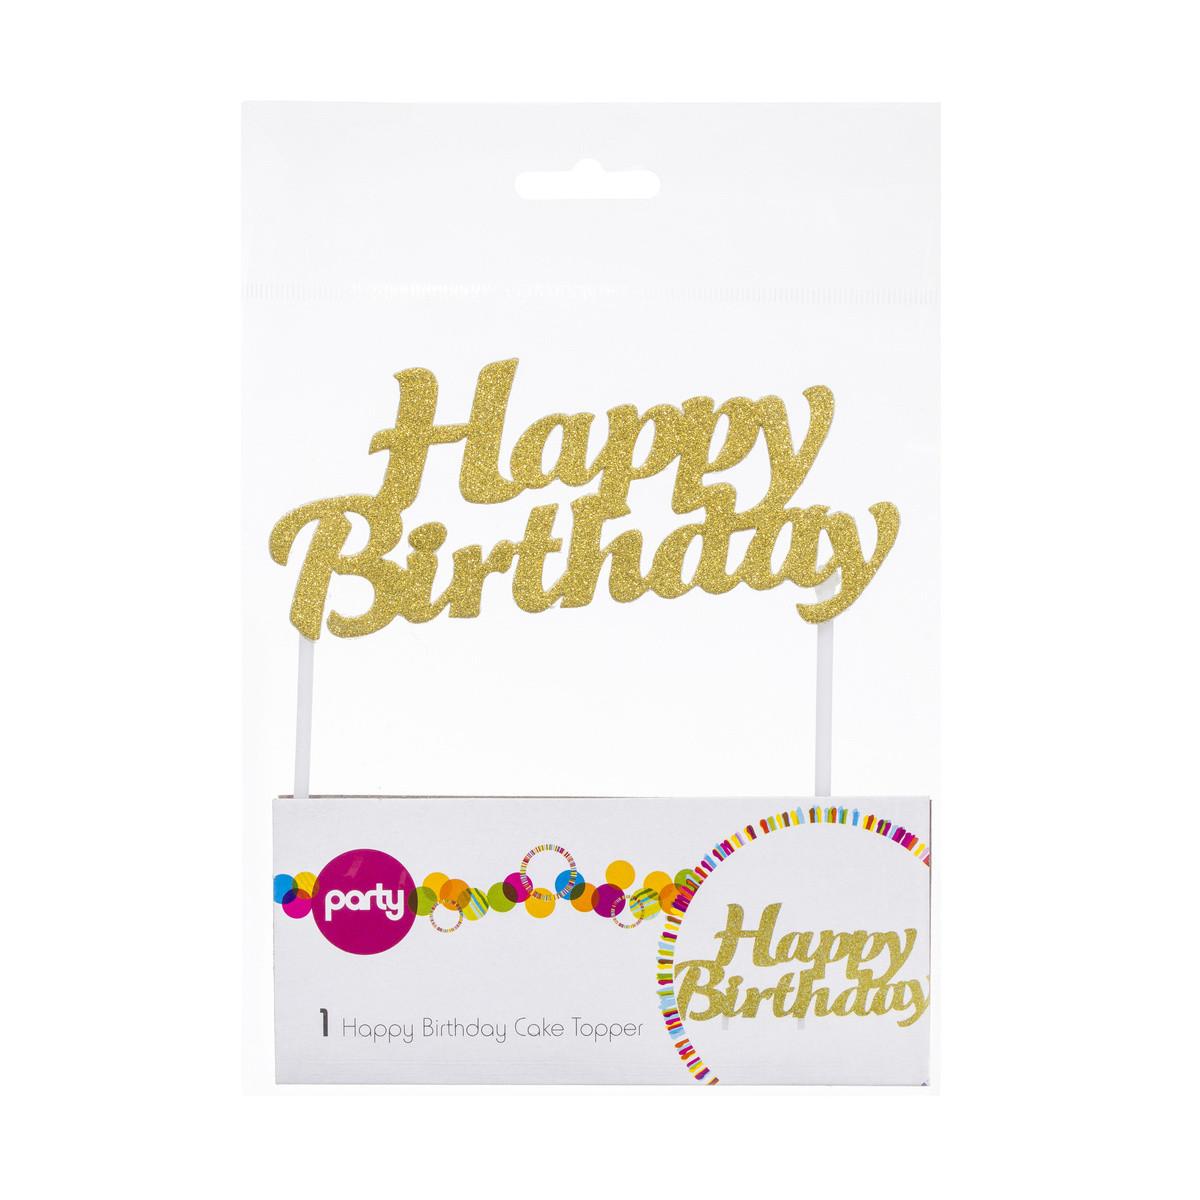 Happy Birthday Cake Topper  Happy Birthday Cake Topper